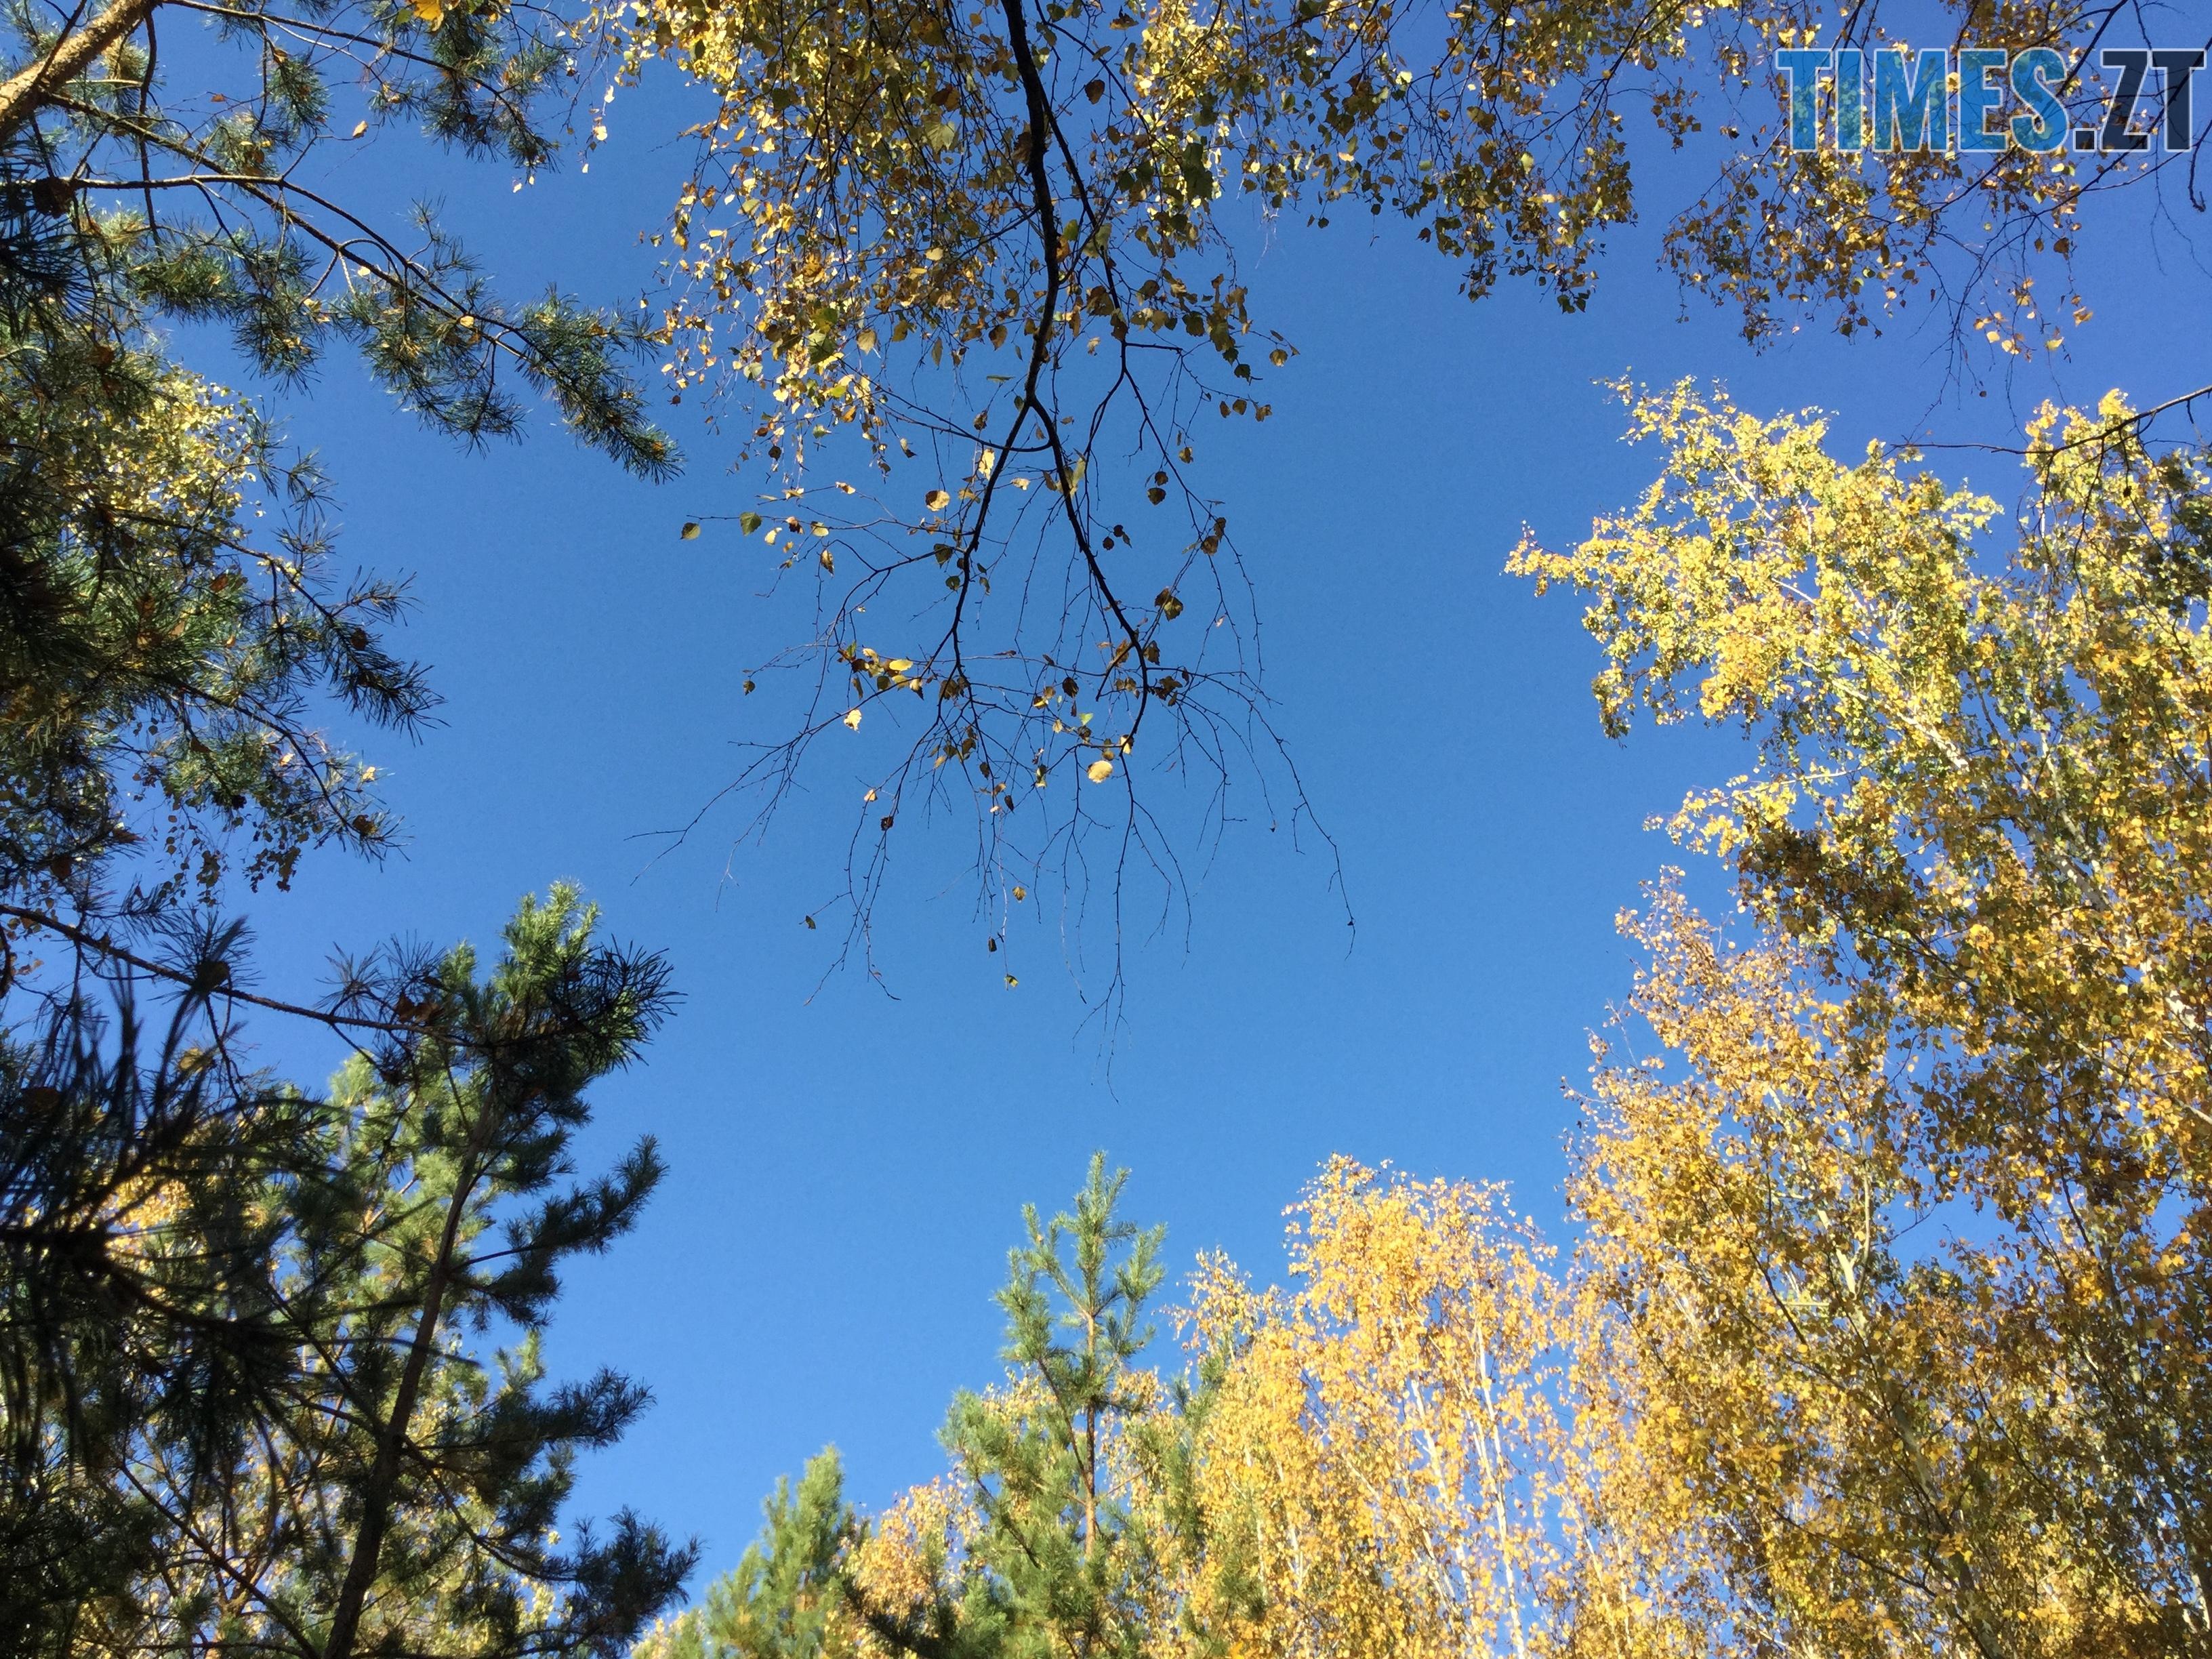 IMG 1213 - Осінні барви: бабине літо на Житомирщині